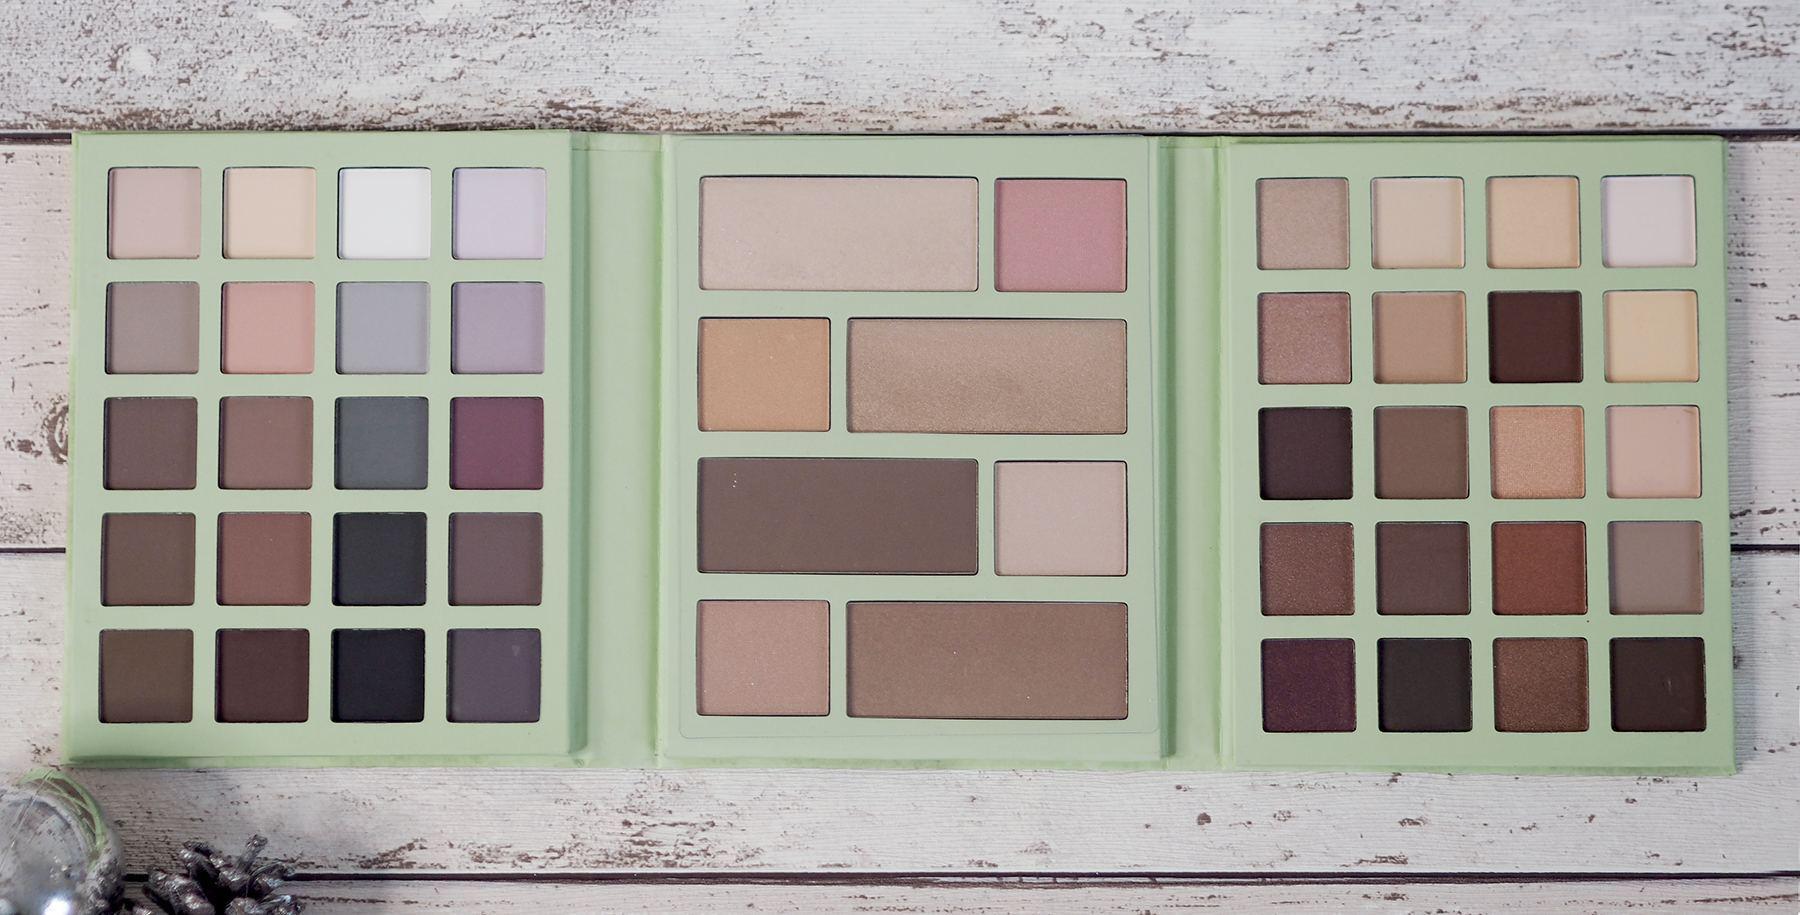 pixi beauty makeup palette